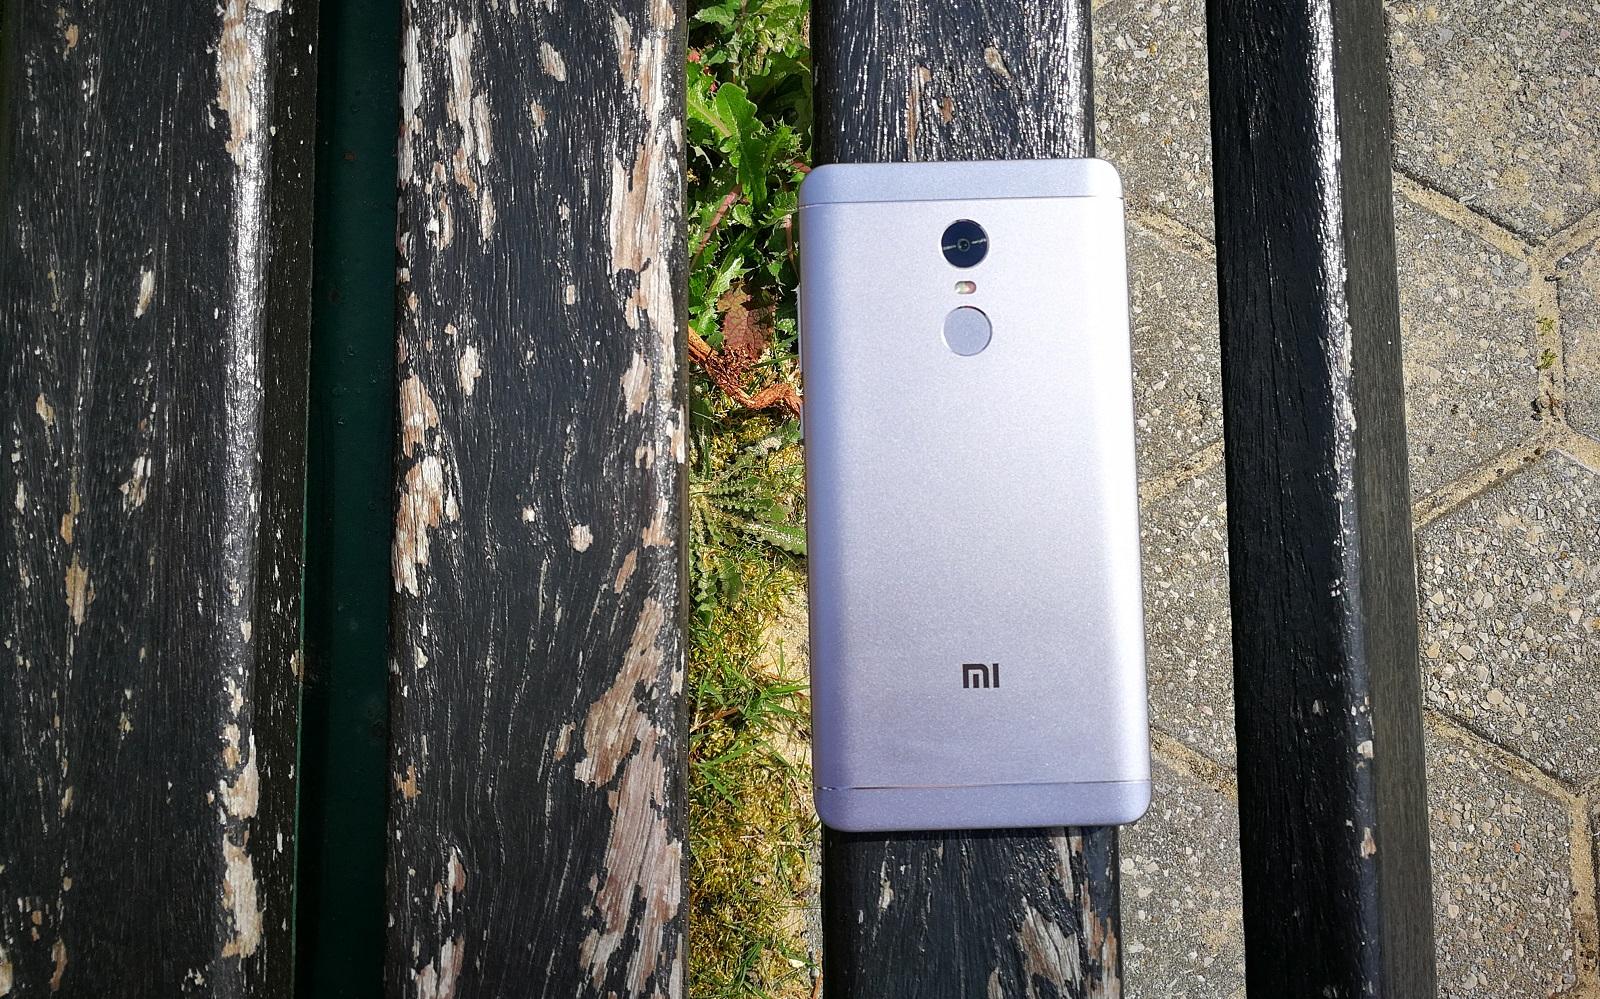 Xiaomi Redmi Note 4 Ganha Versão Com 4 Gb De Ram E 64 Gb: 5 Smartphones Xiaomi Que Valem Realmente A Pena